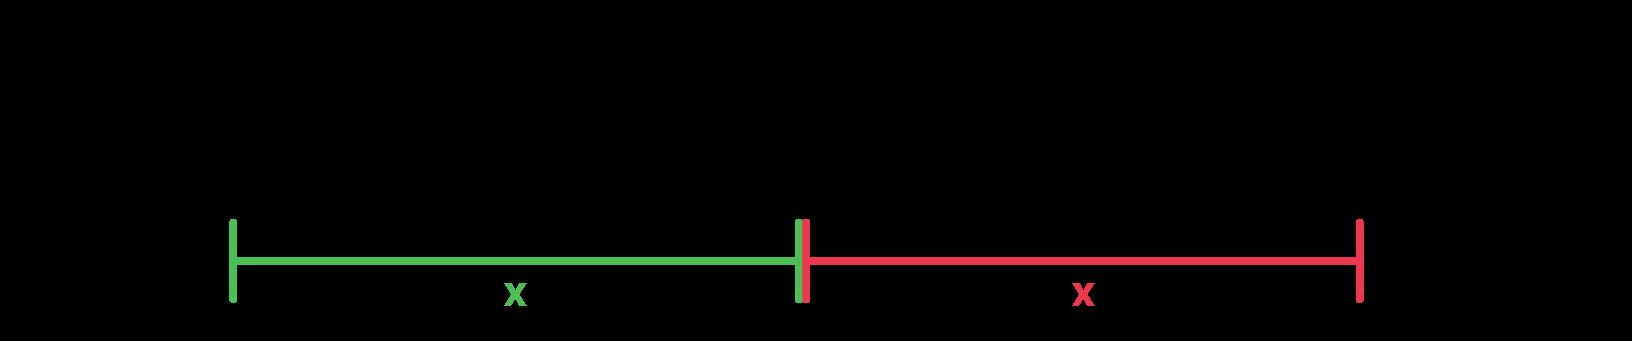 A distância em relação a origem de 4 e - 4 é x